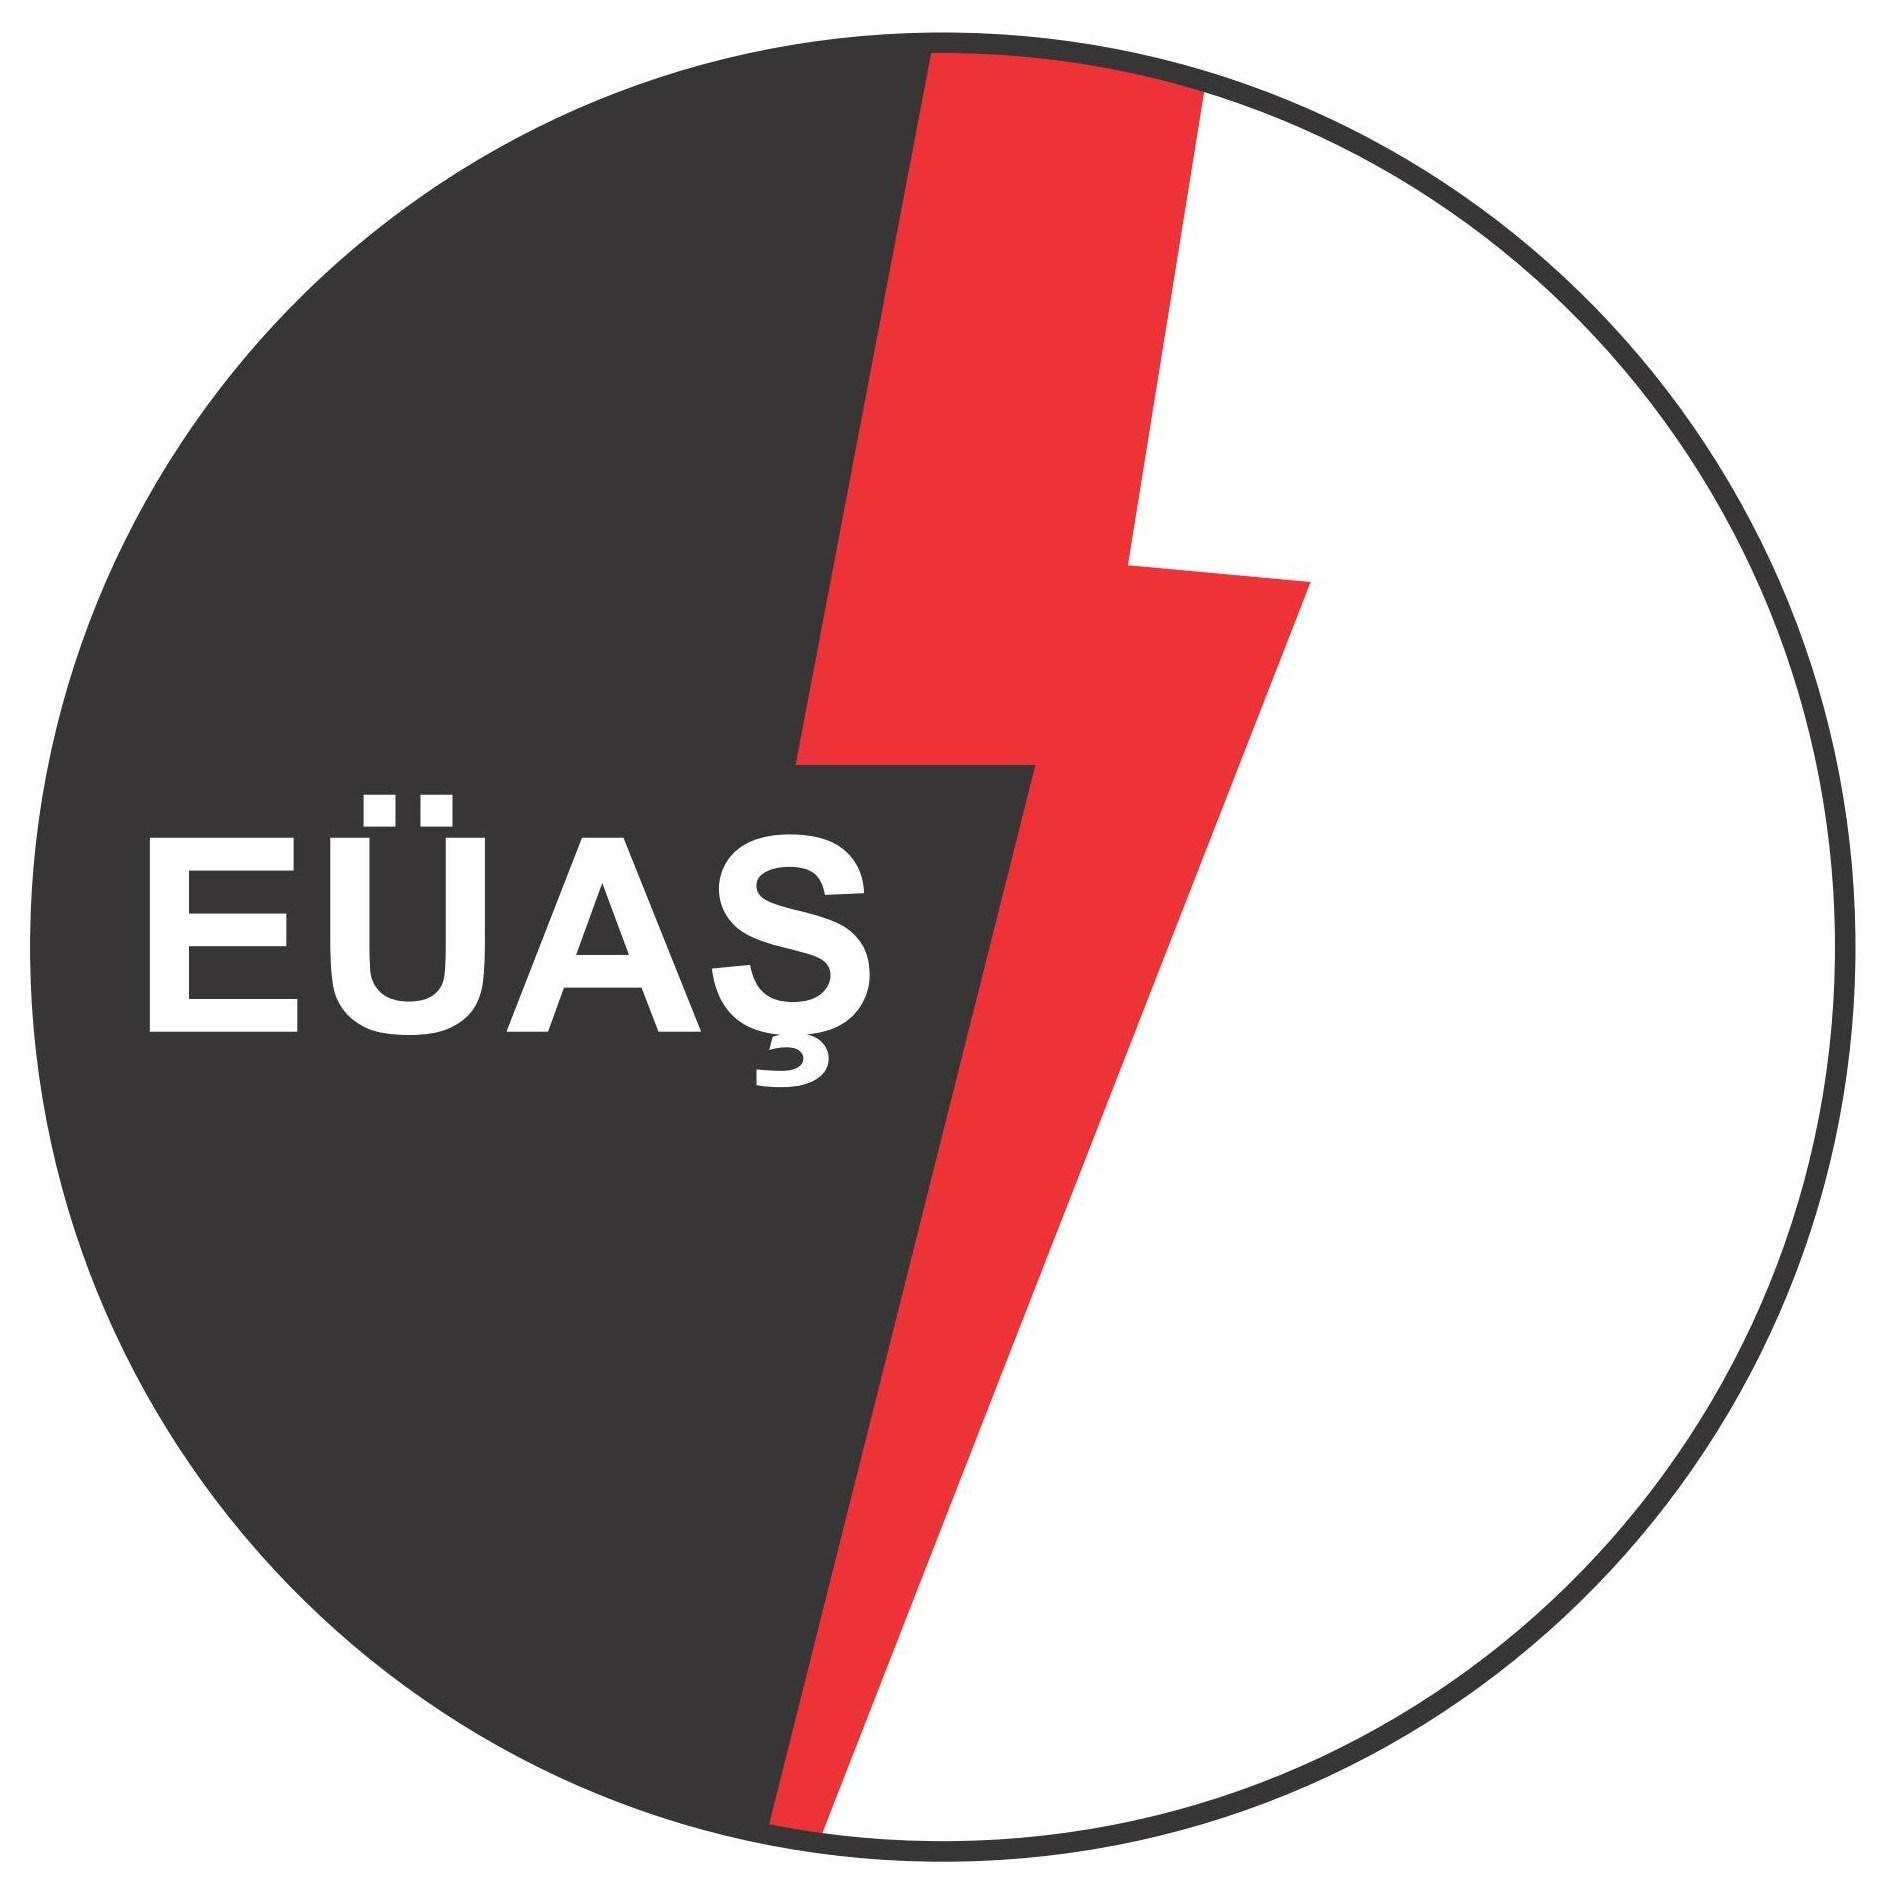 elektrik-uretim-as-euas-logo